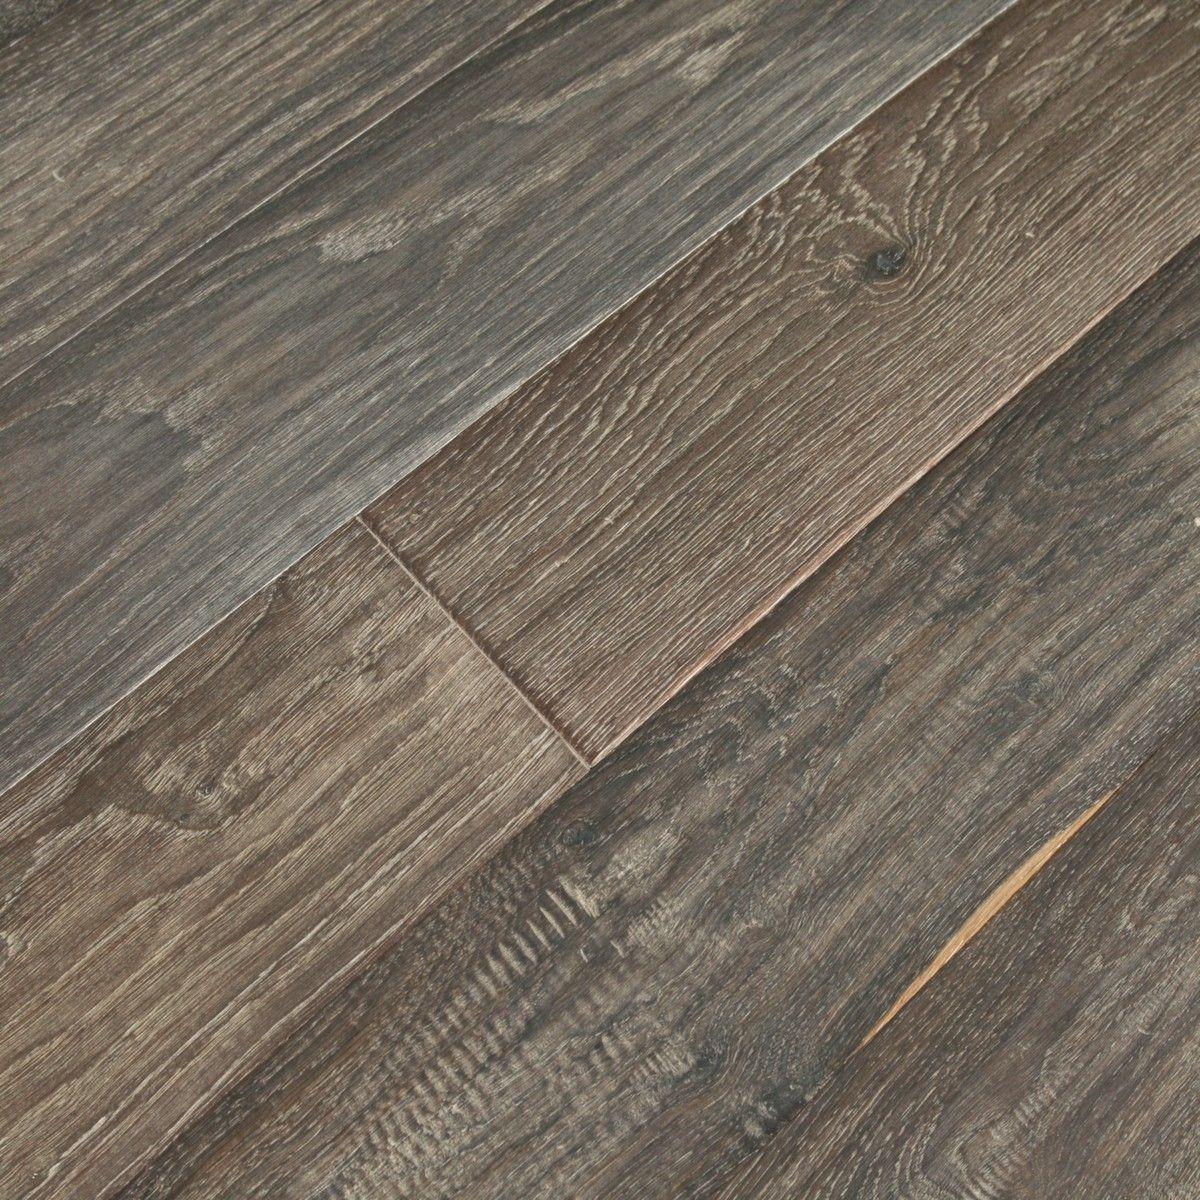 Vintage Ebony Flooring | Prefinished Engineered Hardwood Floors | TEKA - Vintage Ebony Flooring Prefinished Engineered Hardwood Floors